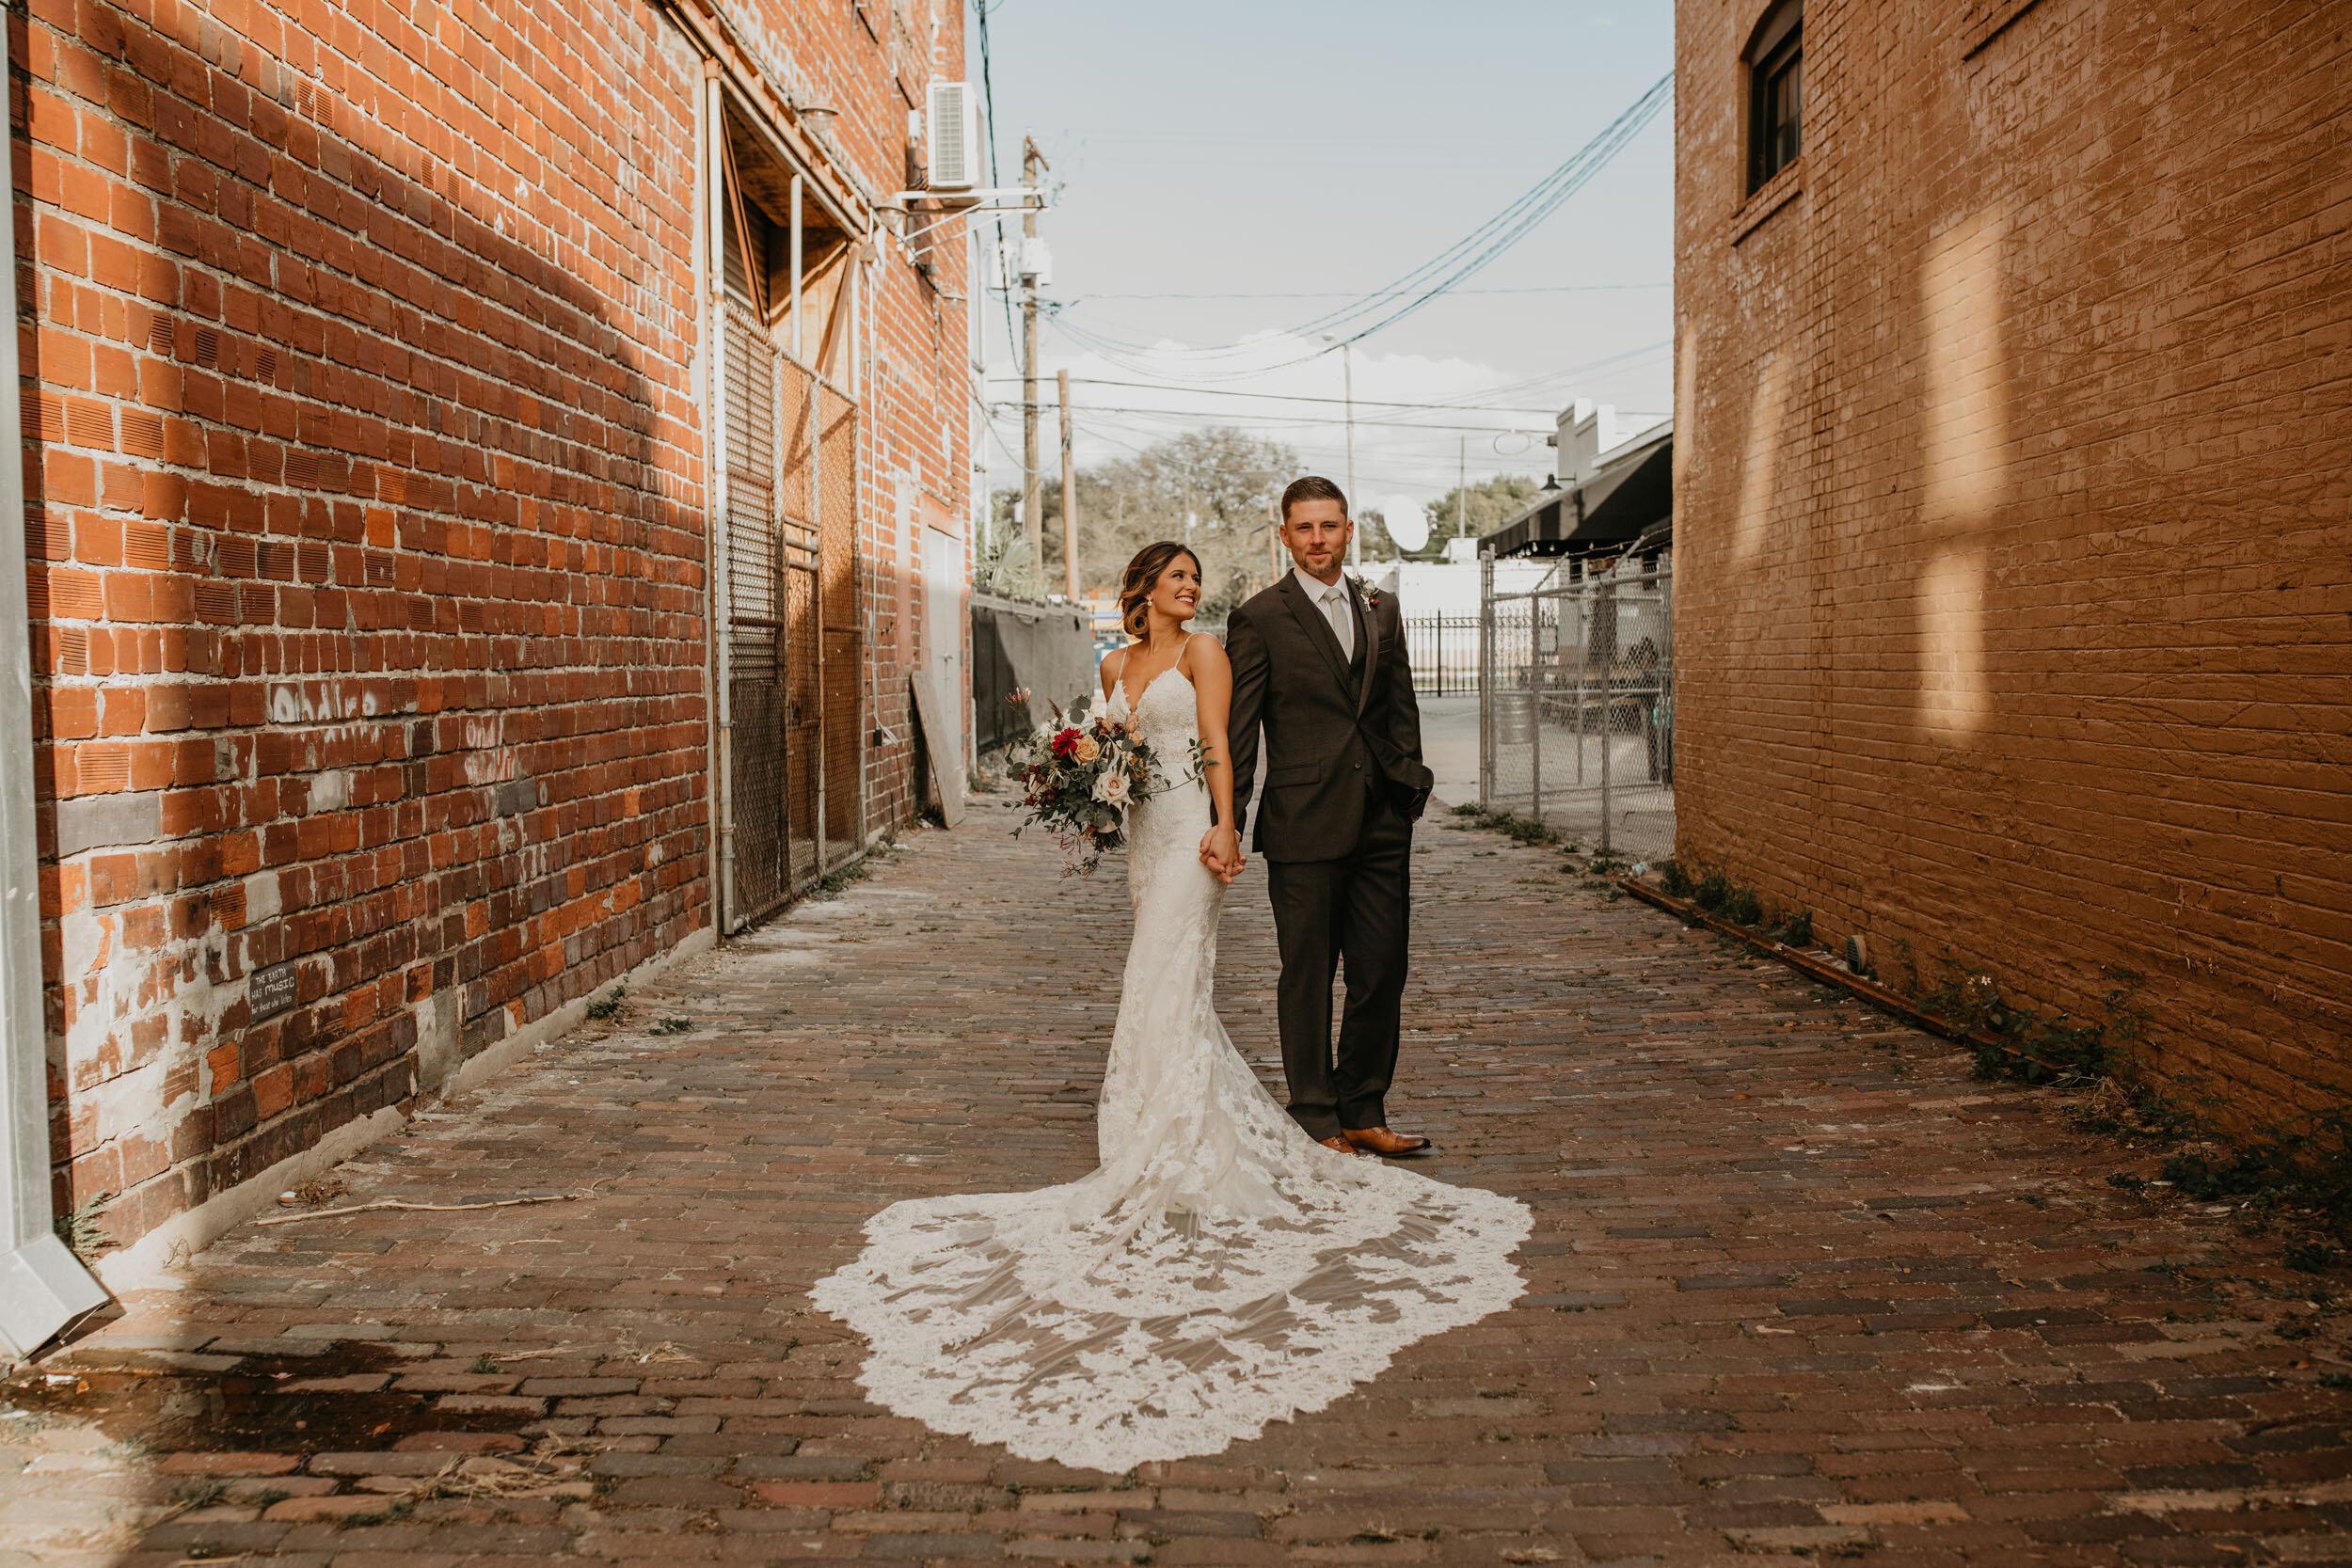 The Rialto Tampa Florida-Wedding-Taylor and Jacob611.jpg